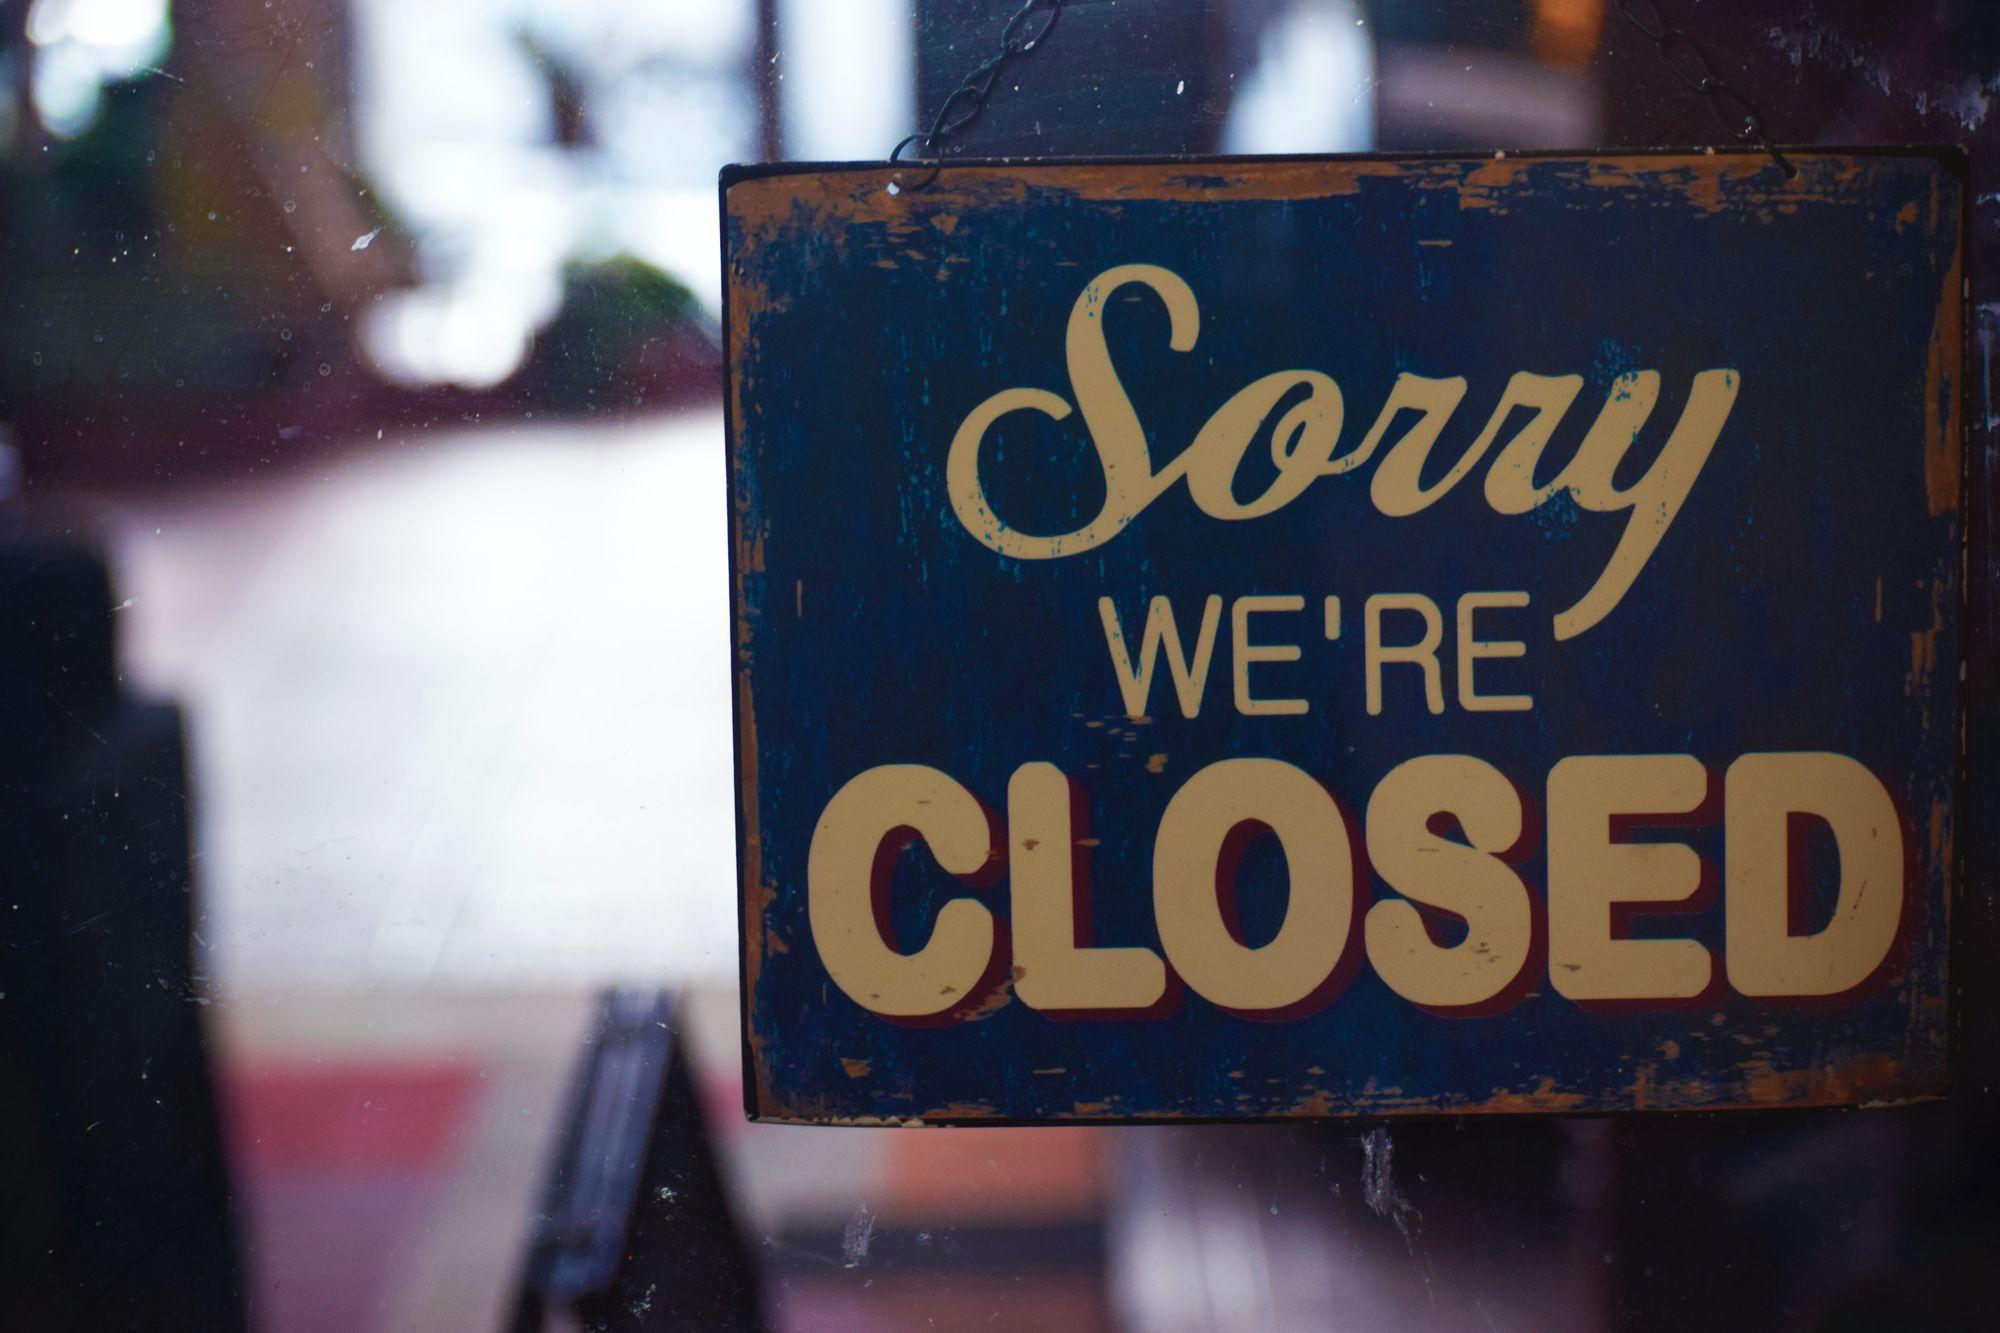 La digitalización de los pequeños negocios es necesaria para salir de la crisis del COVID-19